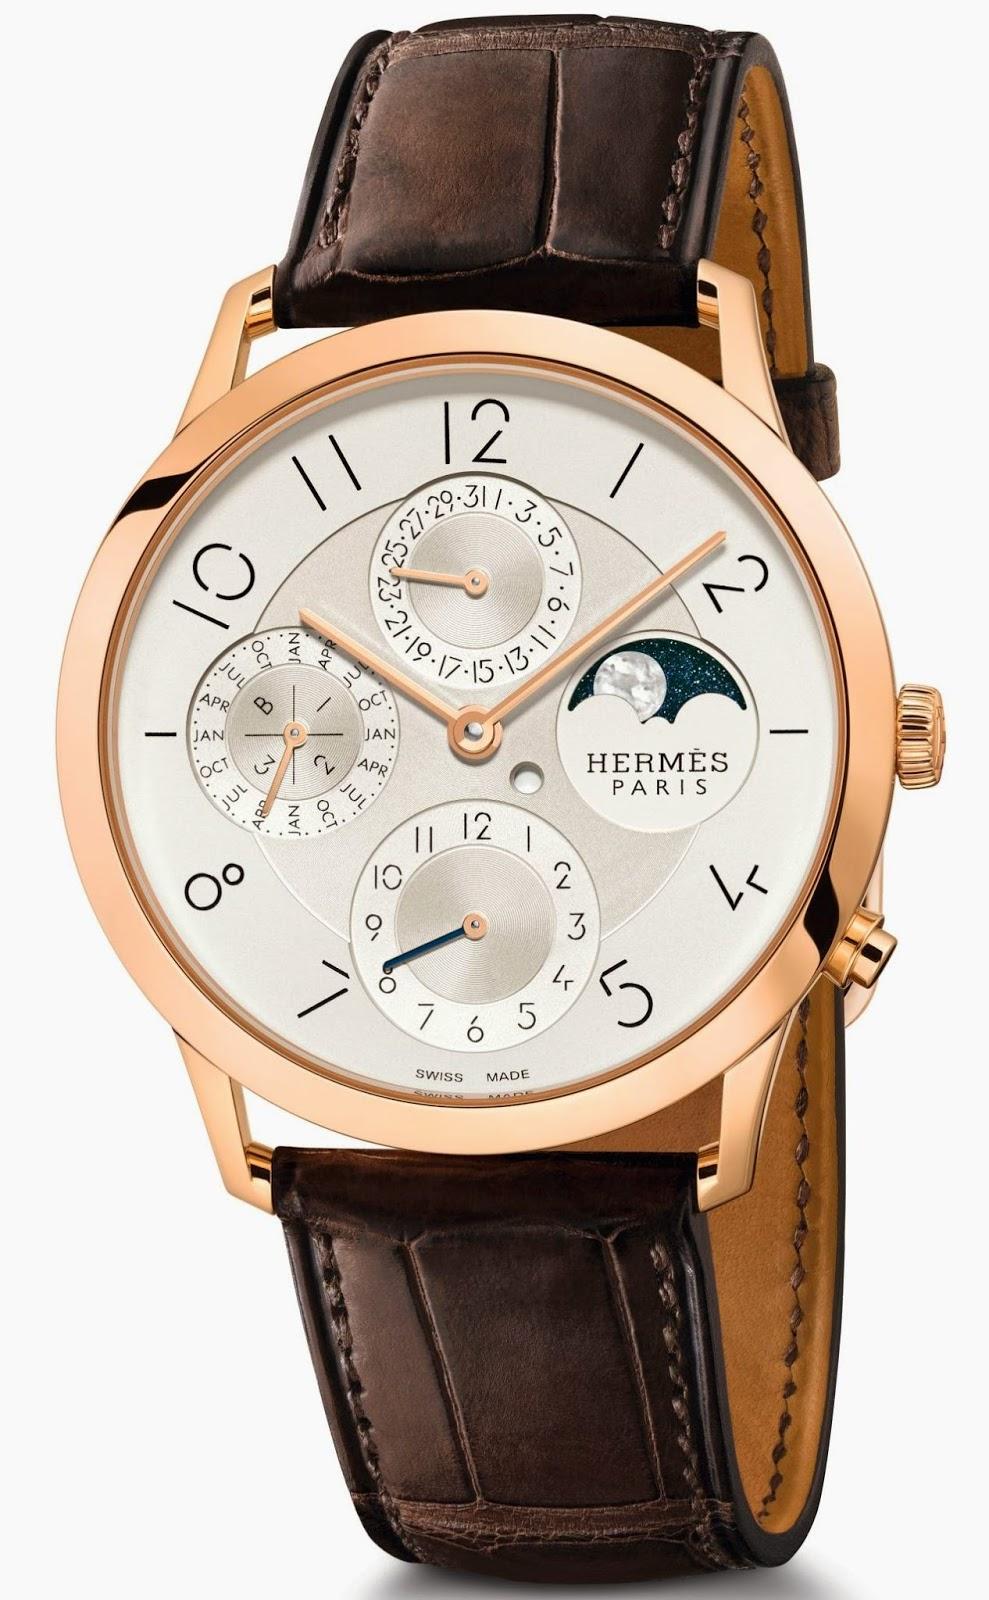 Hermès - Slim d'Hermès Perpetual Calendar watch with rose gold case